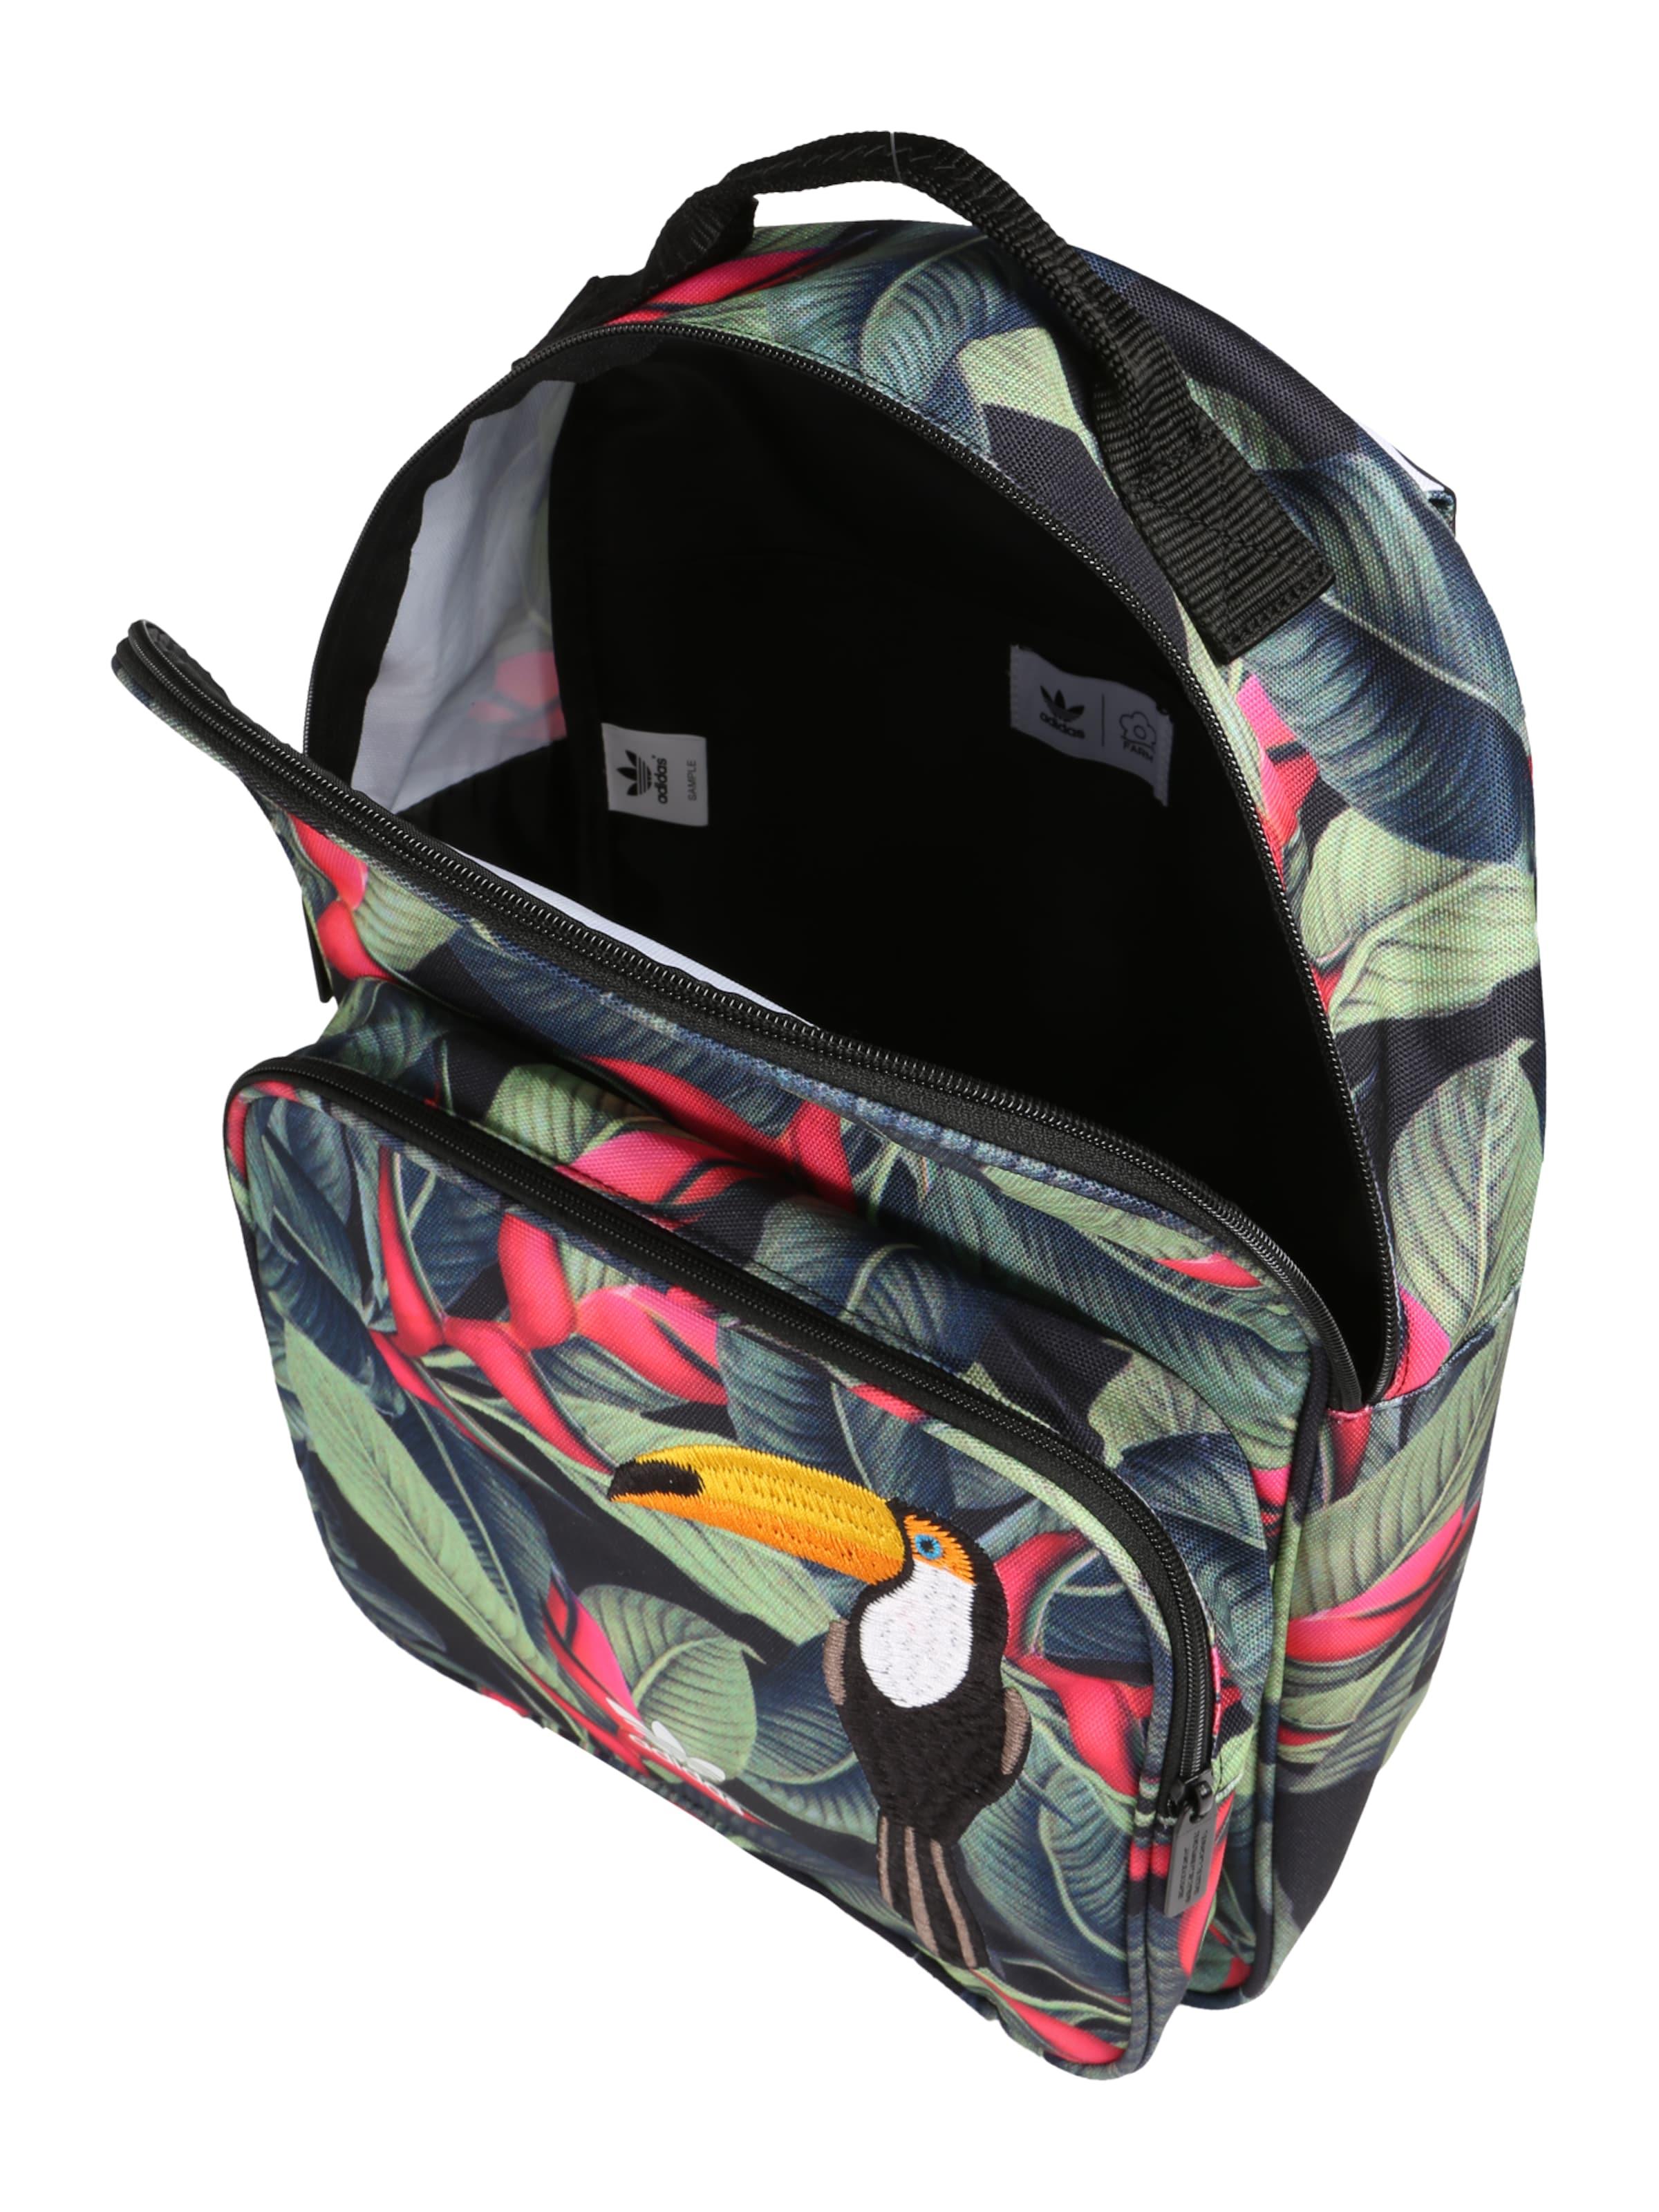 ADIDAS ORIGINALS Rucksack mit Stitching Billig Verkaufen NPnk8ptPko